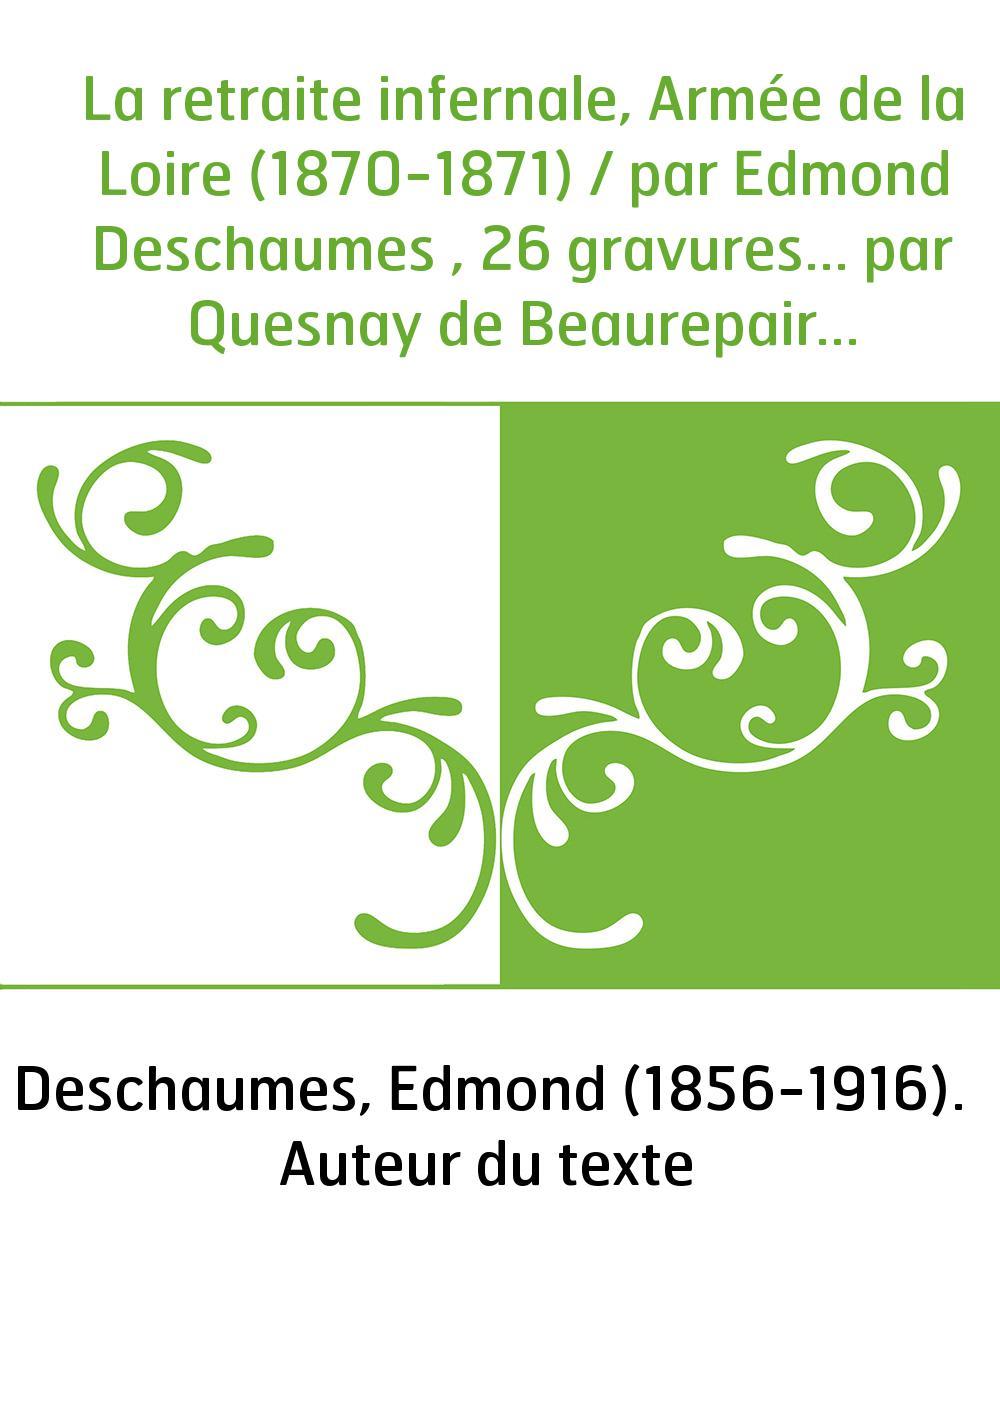 La retraite infernale, Armée de la Loire (1870-1871) / par Edmond Deschaumes , 26 gravures... par Quesnay de Beaurepaire et une